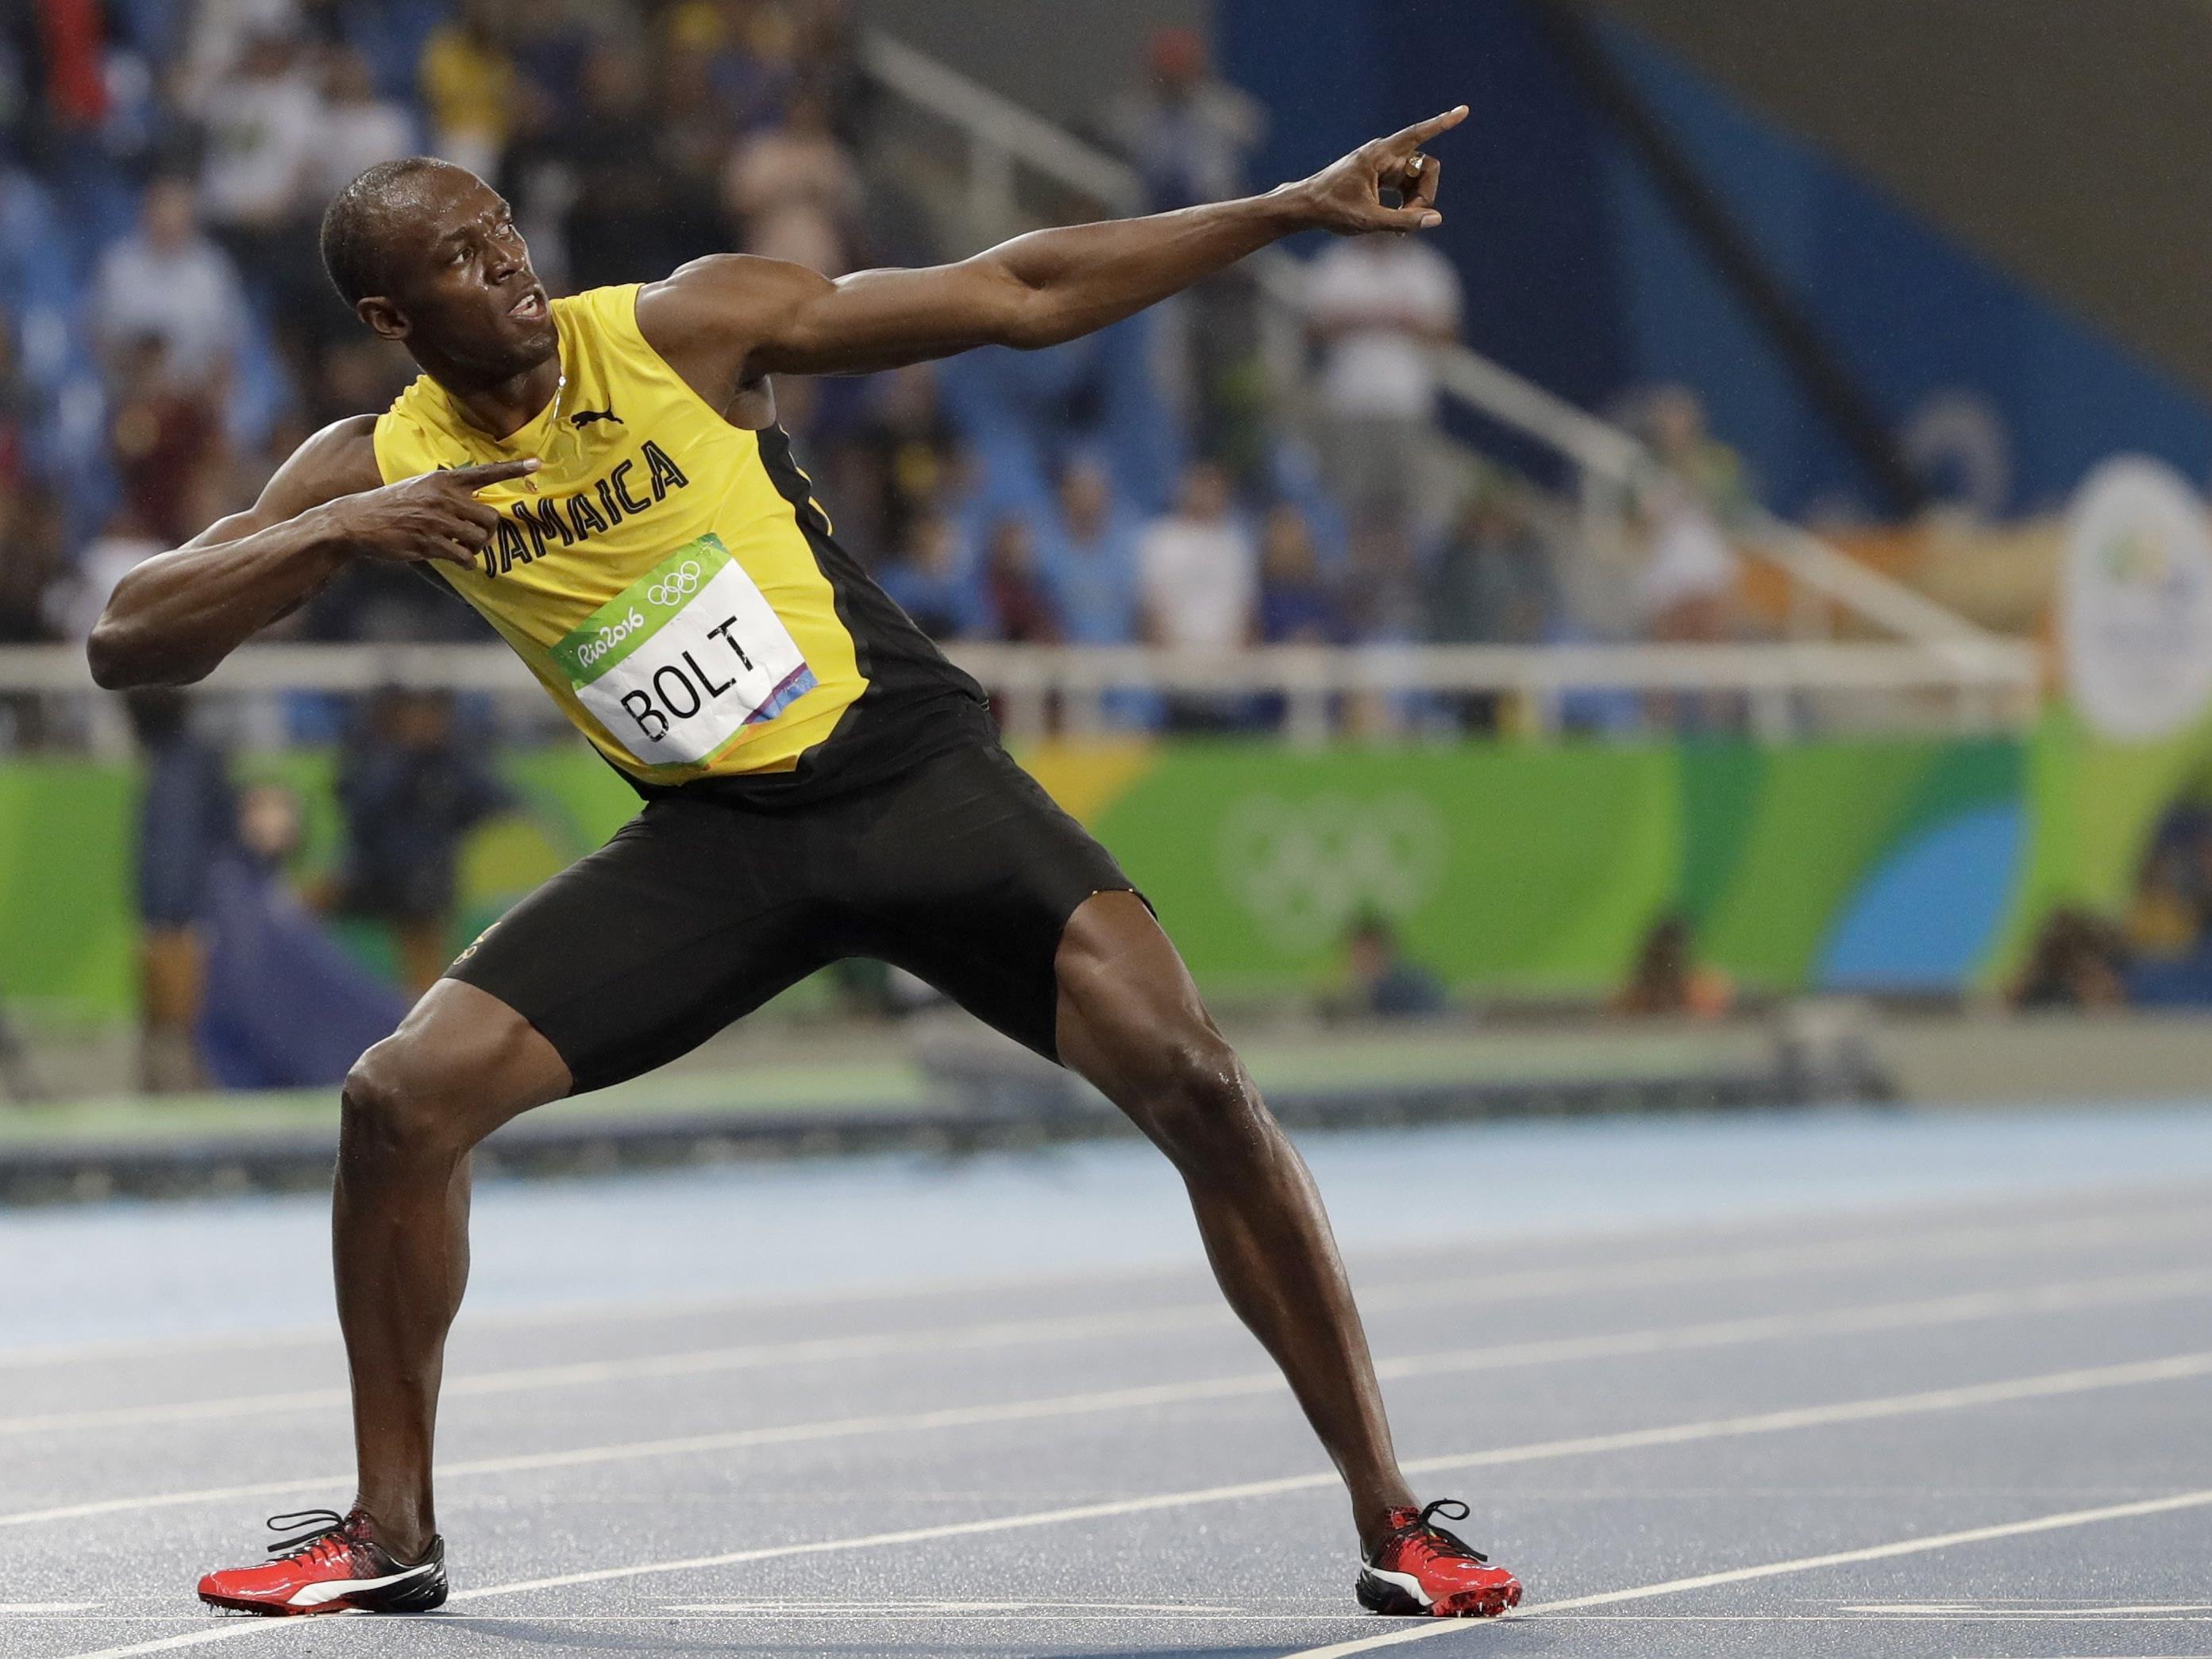 Usain Bolt hat am Donnerstag bei den Olympischen Spielen in Rio de Janeiro auch den Sieg über 200 m fixiert und sein insgesamt achtes Olympia-Gold errungen.